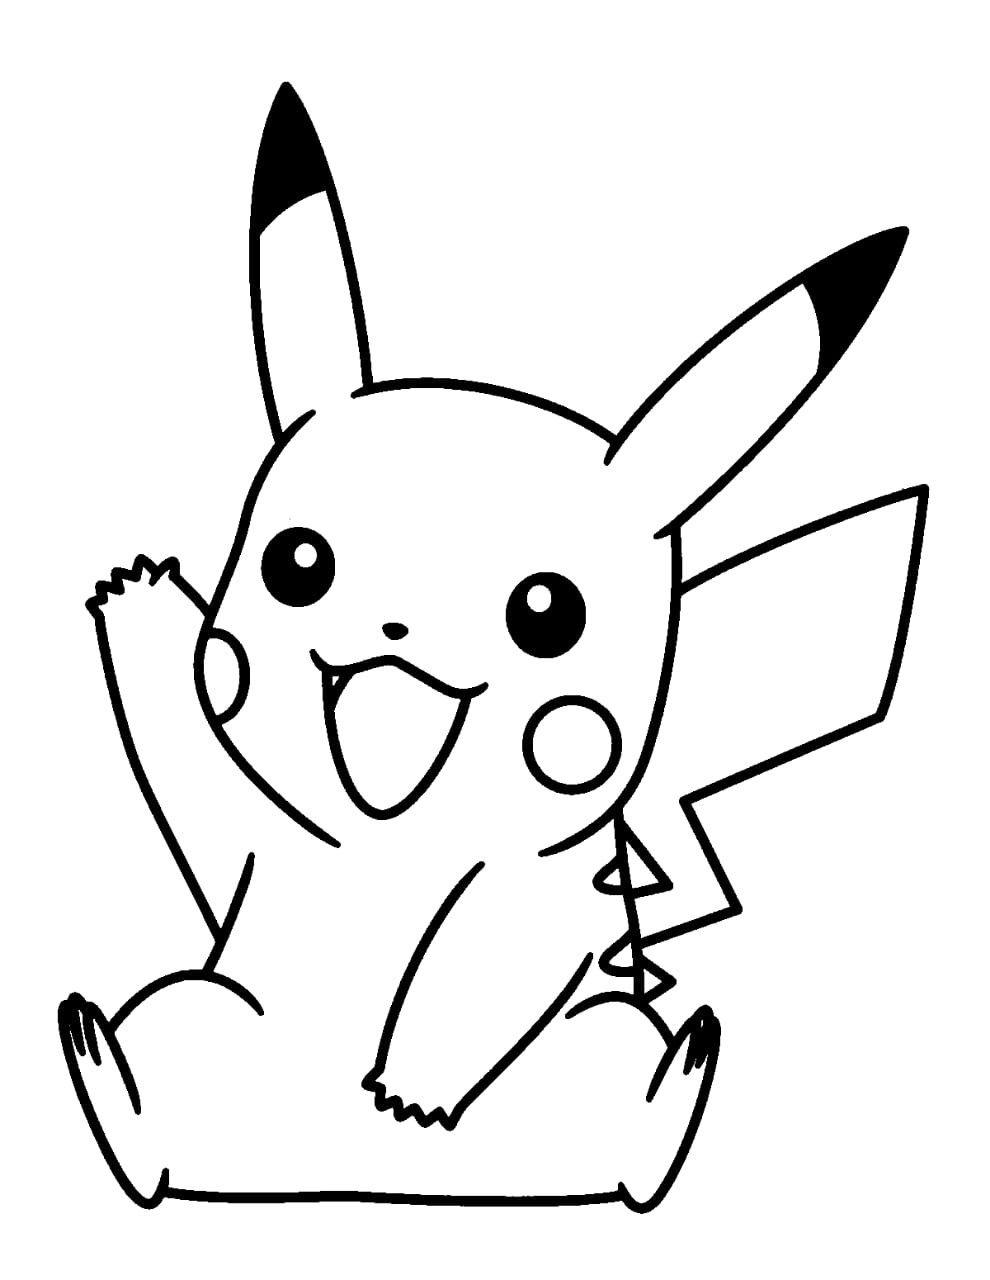 Pin Von Lazarine Laugier Auf Chavidad Pokemon Ausmalbilder Pokemon Malvorlagen Malvorlagen